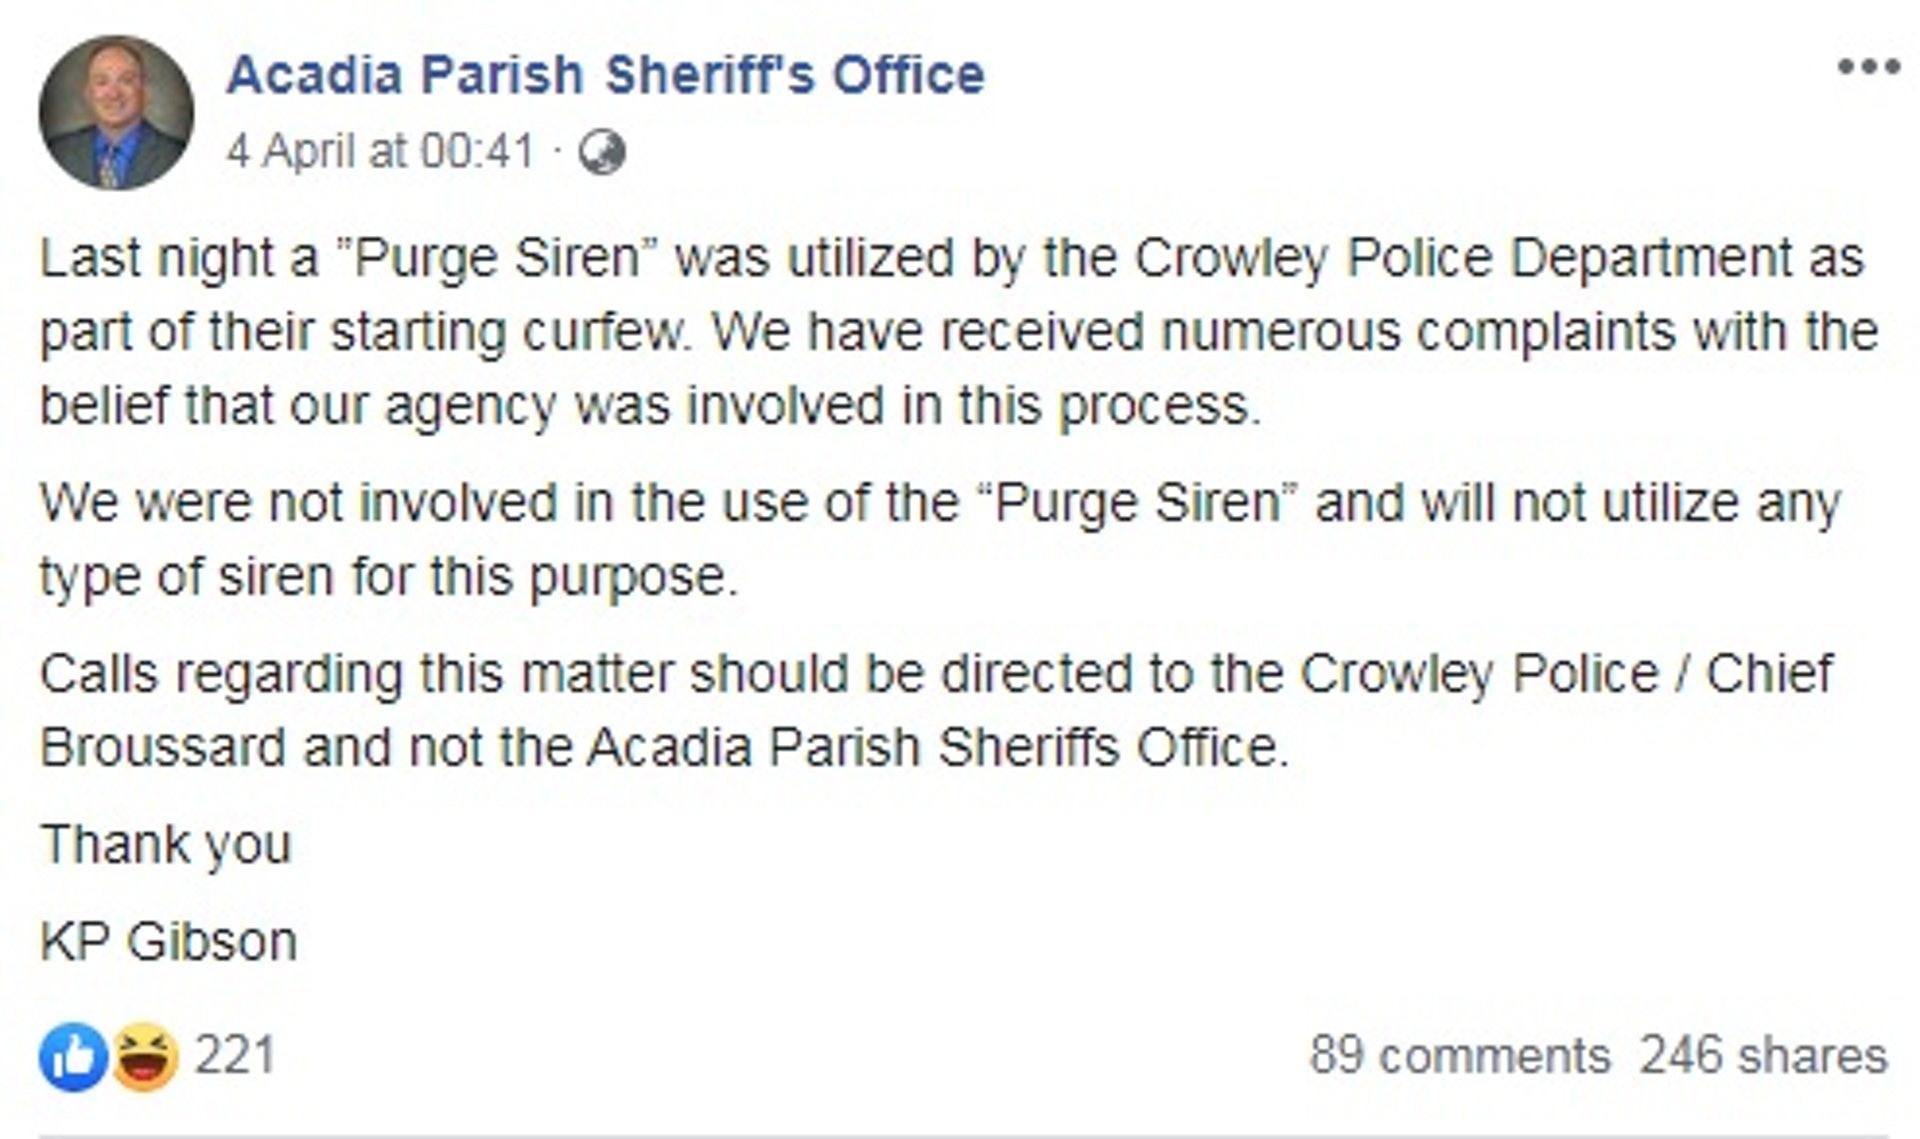 阿卡迪亞警長辦公室急急澄清。(Acadia Parish Sheriff's Office Facebook 擷圖)